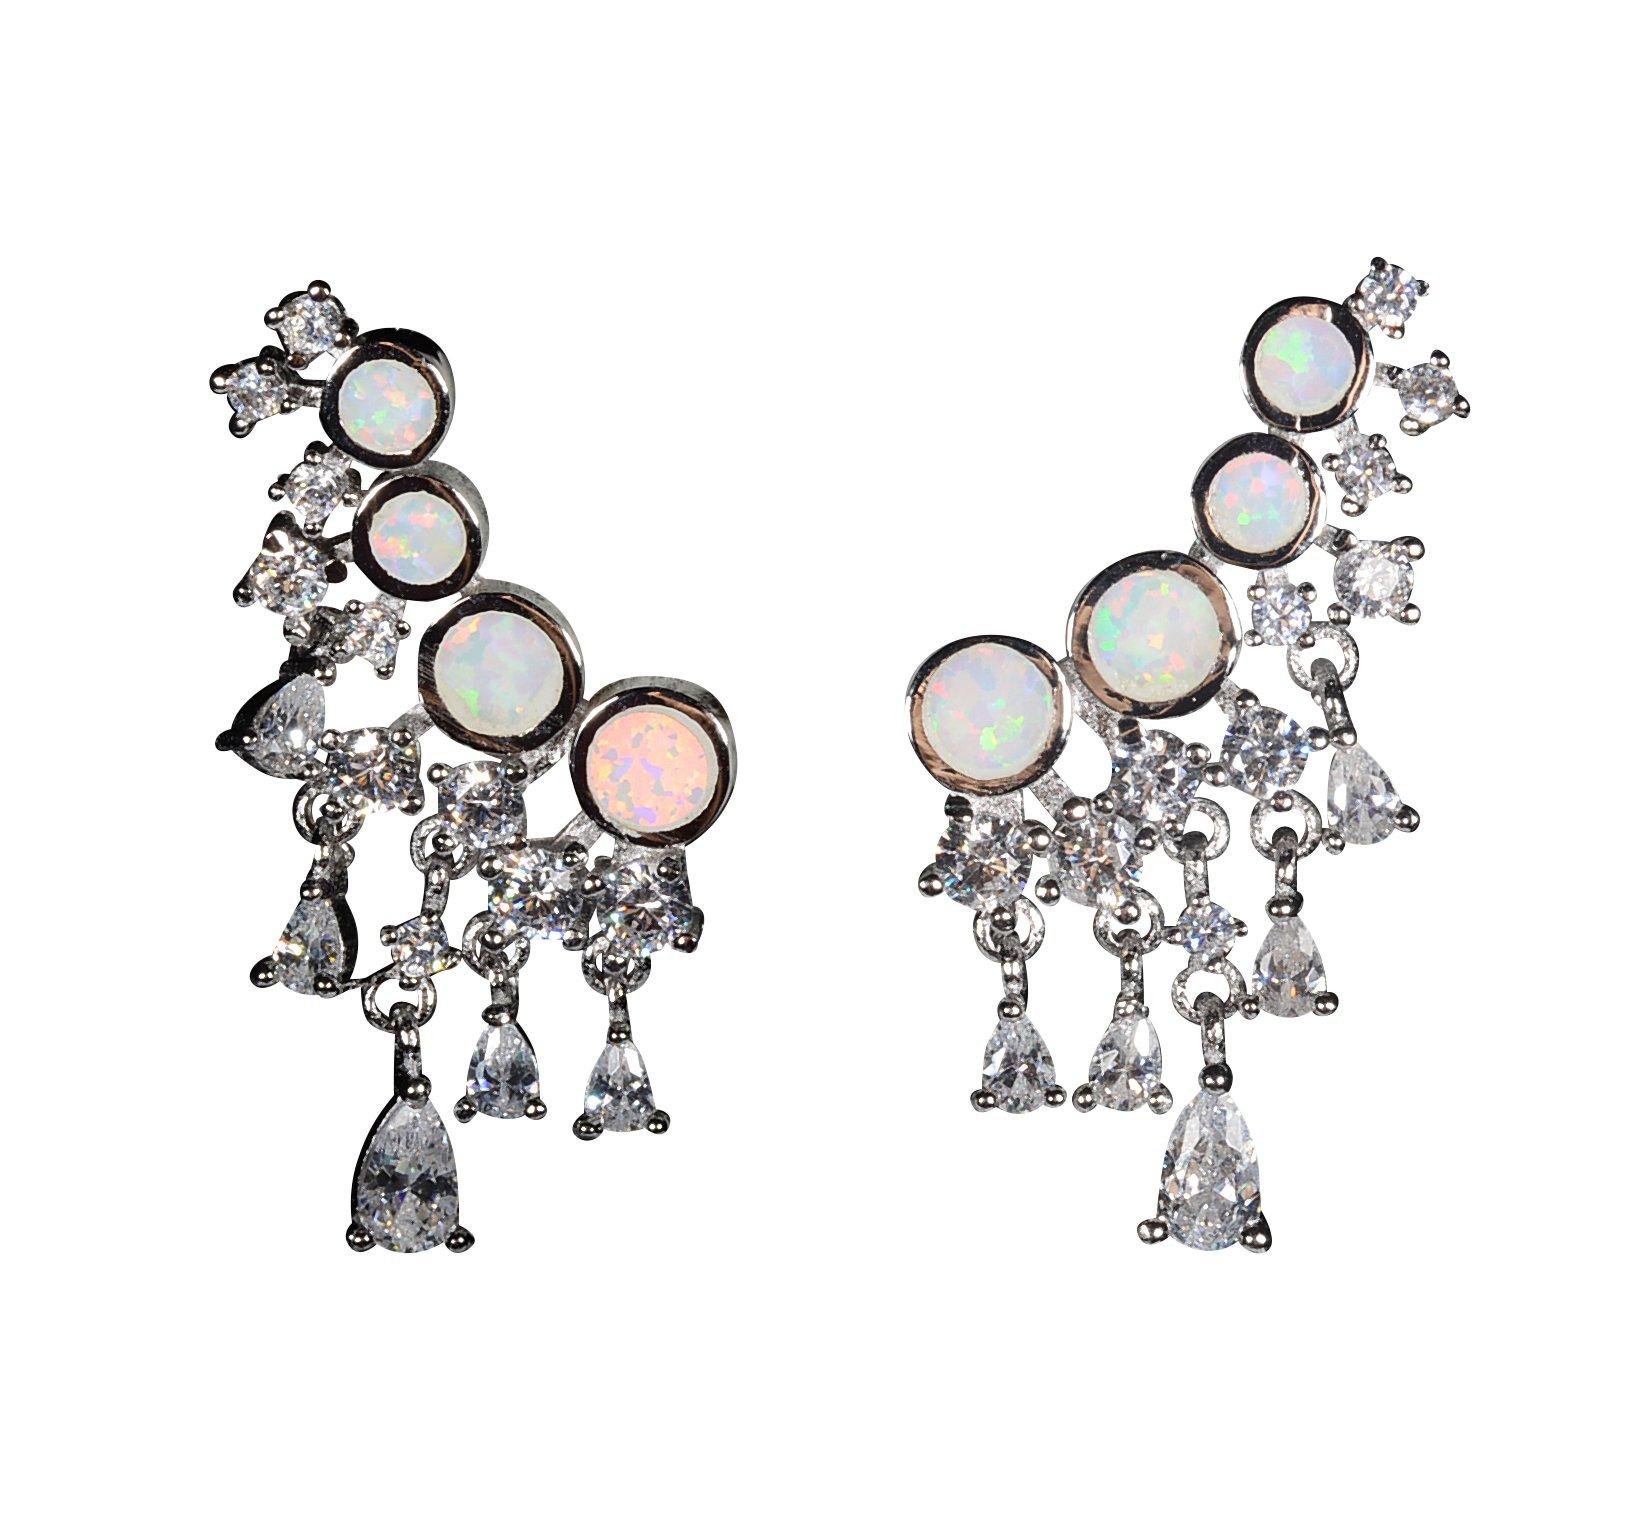 Sterling Silver Earrings Ear Drop Earrings Opal Ear Crawler Earrings For Women Silver Ear Cuff Earring Ear Jackets Sterling Silver Halo Earrings Opal Full Ear Earrings (White Fire Opal)